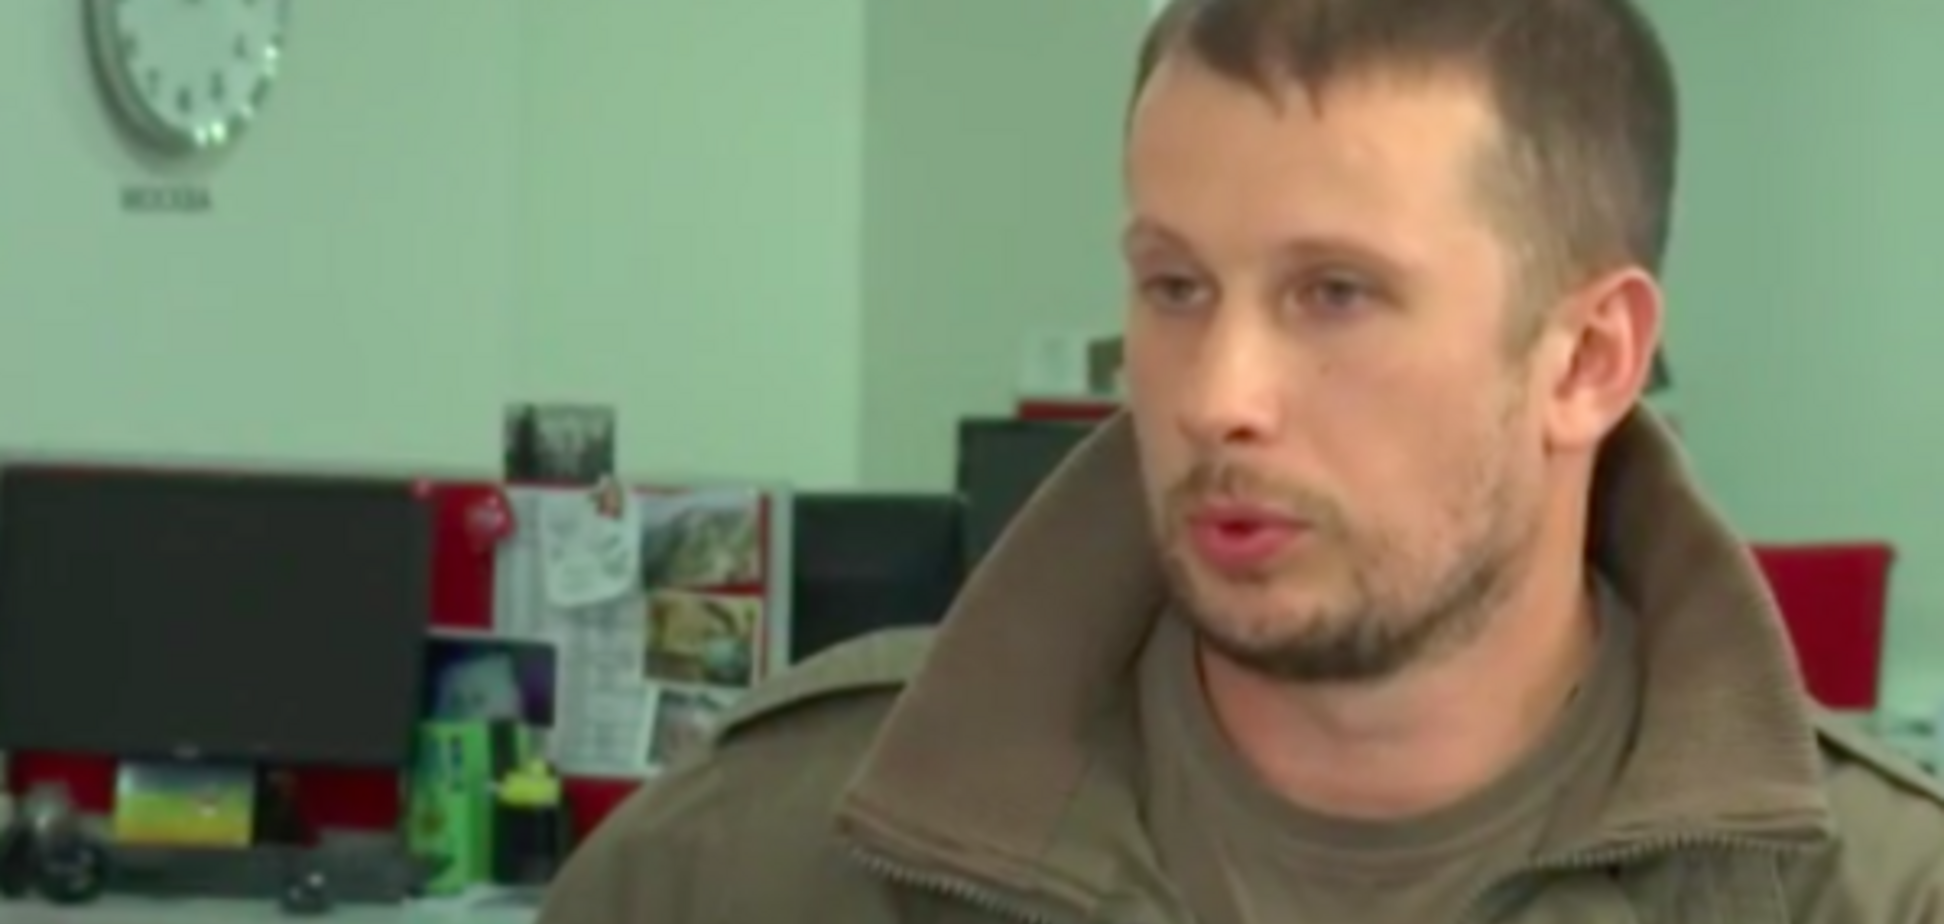 Командир 'Азова' рассказал о 'маленьком военном секрете' и сюрпризе для боевиков